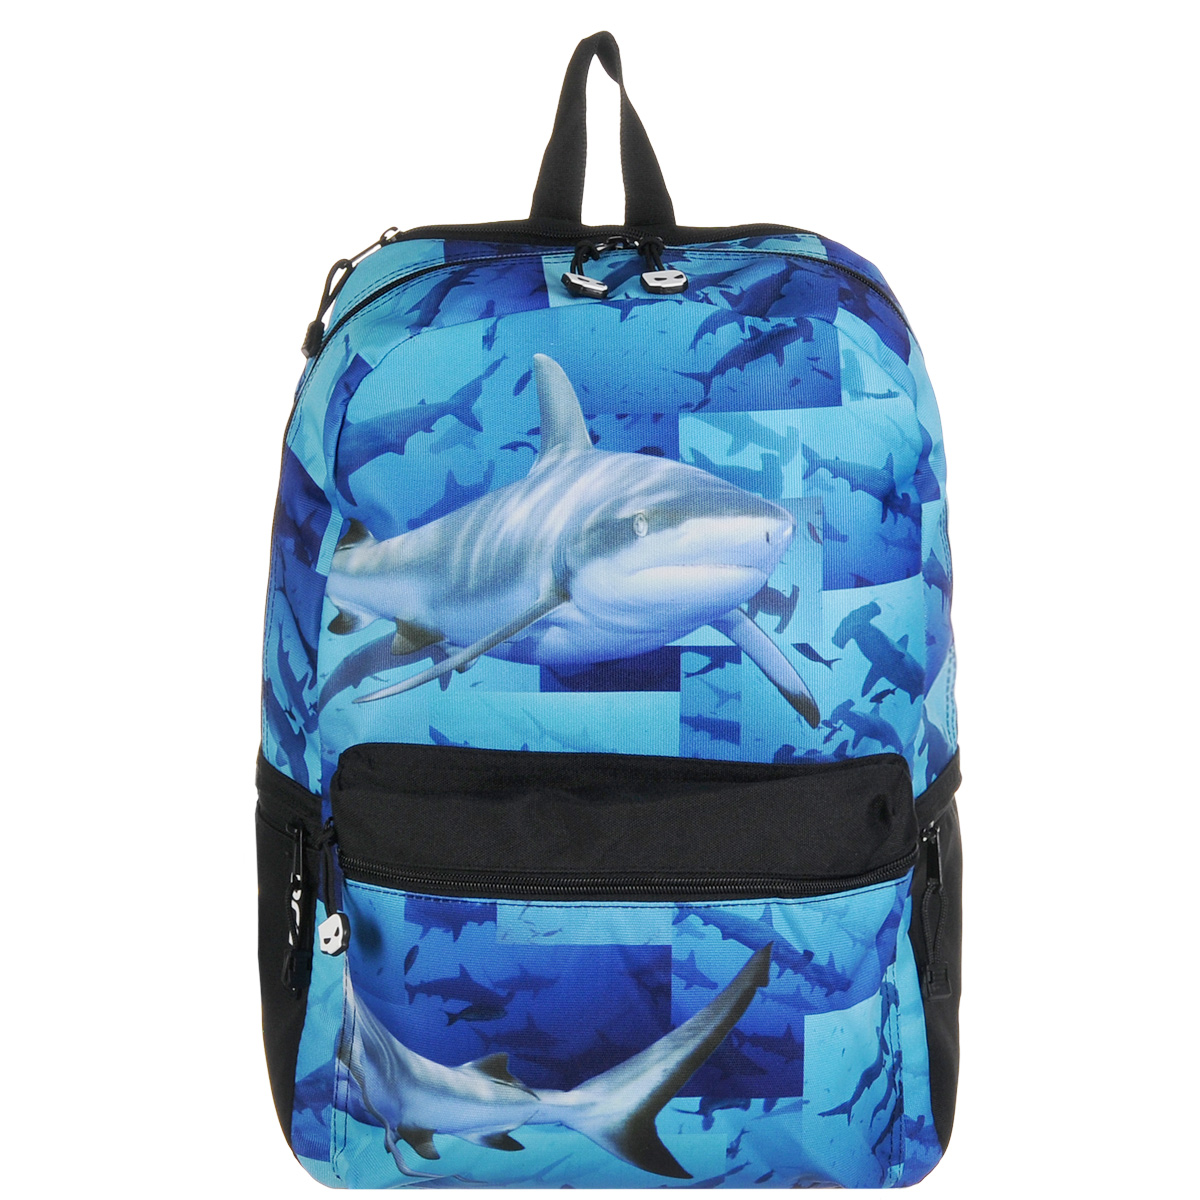 Рюкзак городской Mojo Pax Sharks, 20 лKB3291Городской рюкзак Mojo Pax Sharks подходит для тех, кто привык шокировать и выделяться из толпы. Идеальный вариант для школьников и студентов. Рюкзак выполнен из плотного полиэстера с оригинальным рисунком, материал изделия устойчив к воздействию влаги и не выгорает. Модель очень вместительная и функциональная: в основной отсек, закрывающийся на застежку-молнию, вместятся тетрадки, учебники и другие вещи. Также имеется специальное отделение для планшета, с мягкими стенками для защиты гаджета от повреждений. Снаружи расположено 3 кармашка на молнии для мелочей. Рюкзак имеет уплотненную спинку и мягкие широкие лямки регулируемой длины, а также петлю для переноски в руке. В этом динамичном мире дерзкий и яркий дизайн рюкзаков - не просто дань моде, а сигнал: Я не буду сливаться с толпой, я привык выделяться и везде быть первым!. Принт активного синего цвета с акулами смотрится действительно опасно и смело. За счет люминесцентной краски в ультрафиолете рюкзак светится ярко-синим неоновым цветом.